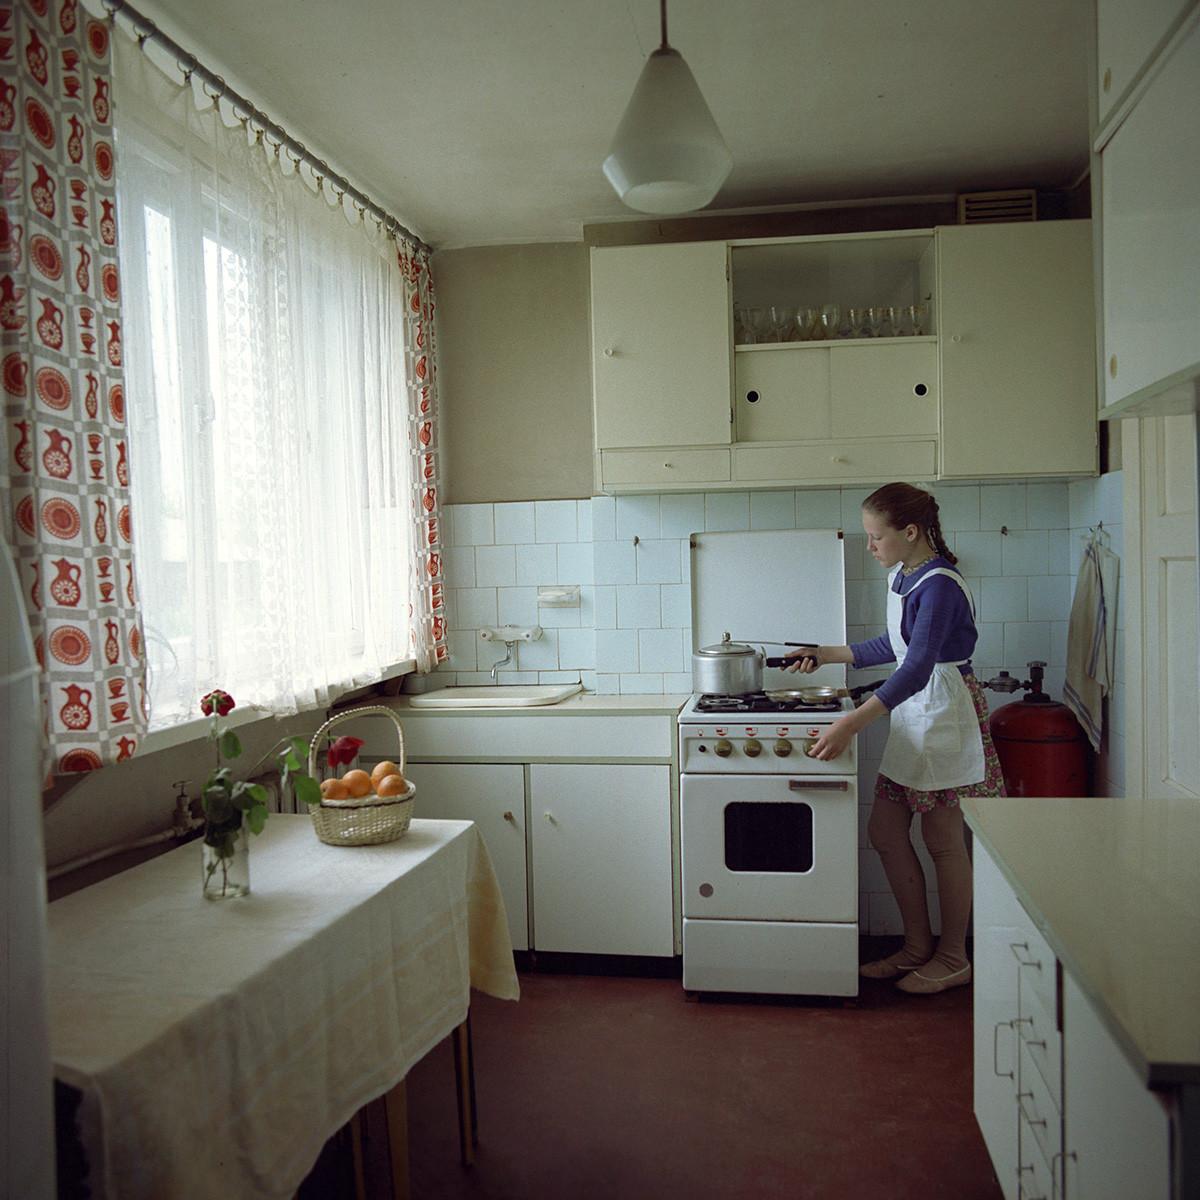 ラトビアの一般的な台所